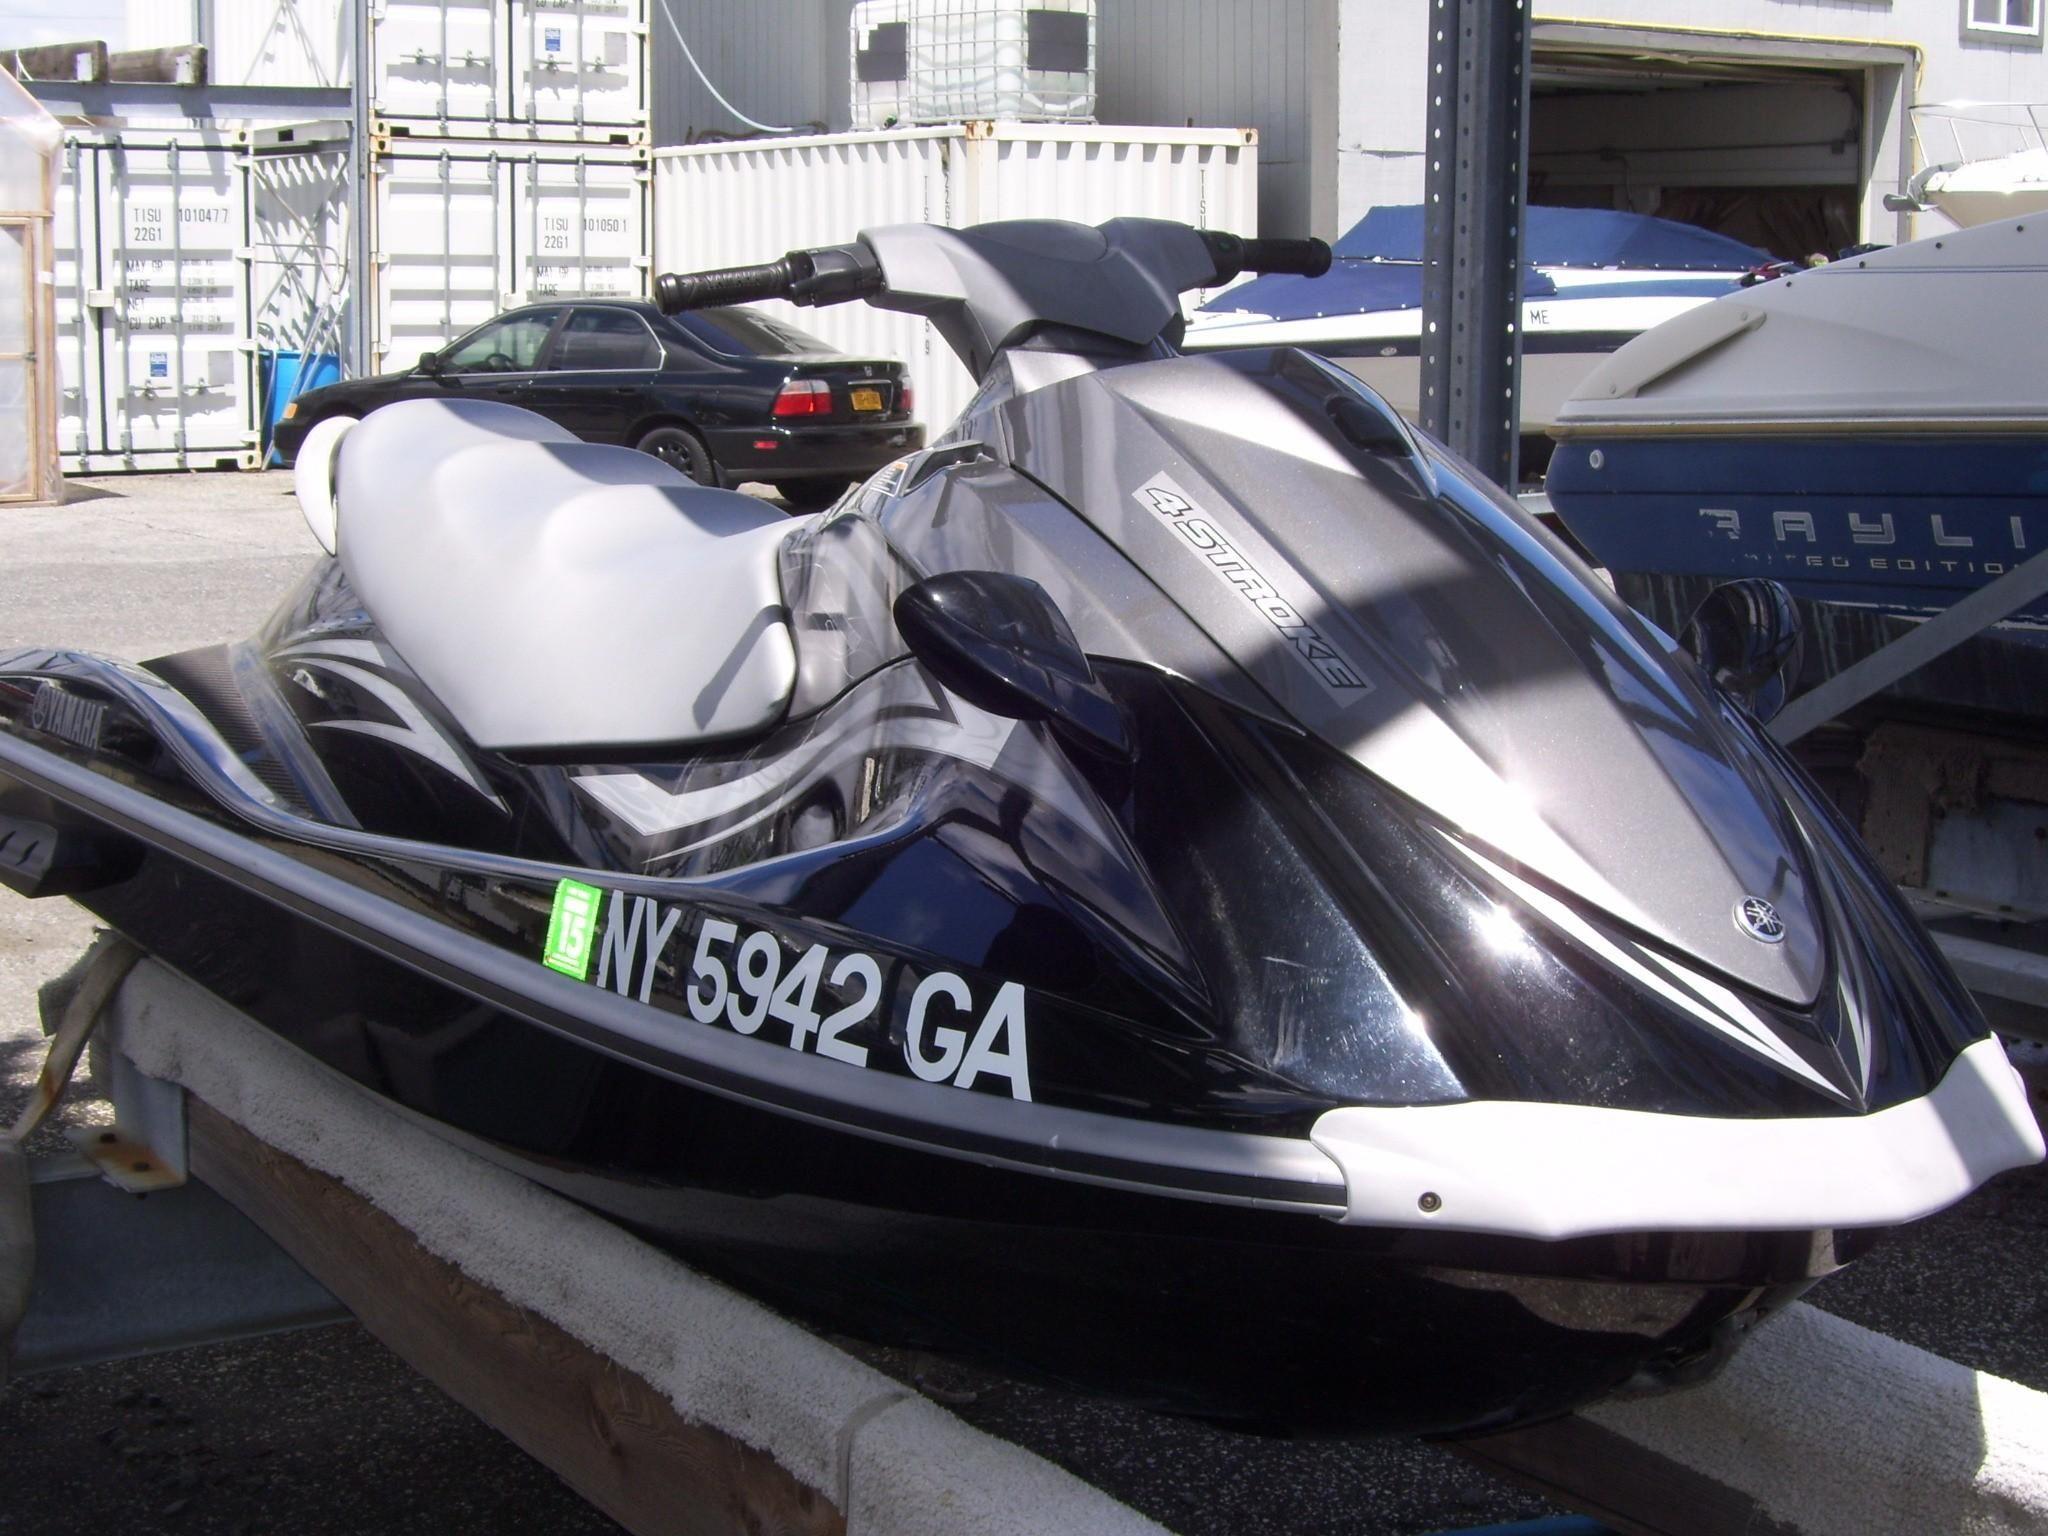 2008 yamaha waverunner vx deluxe power boat for sale www for Yamaha waverunner vx